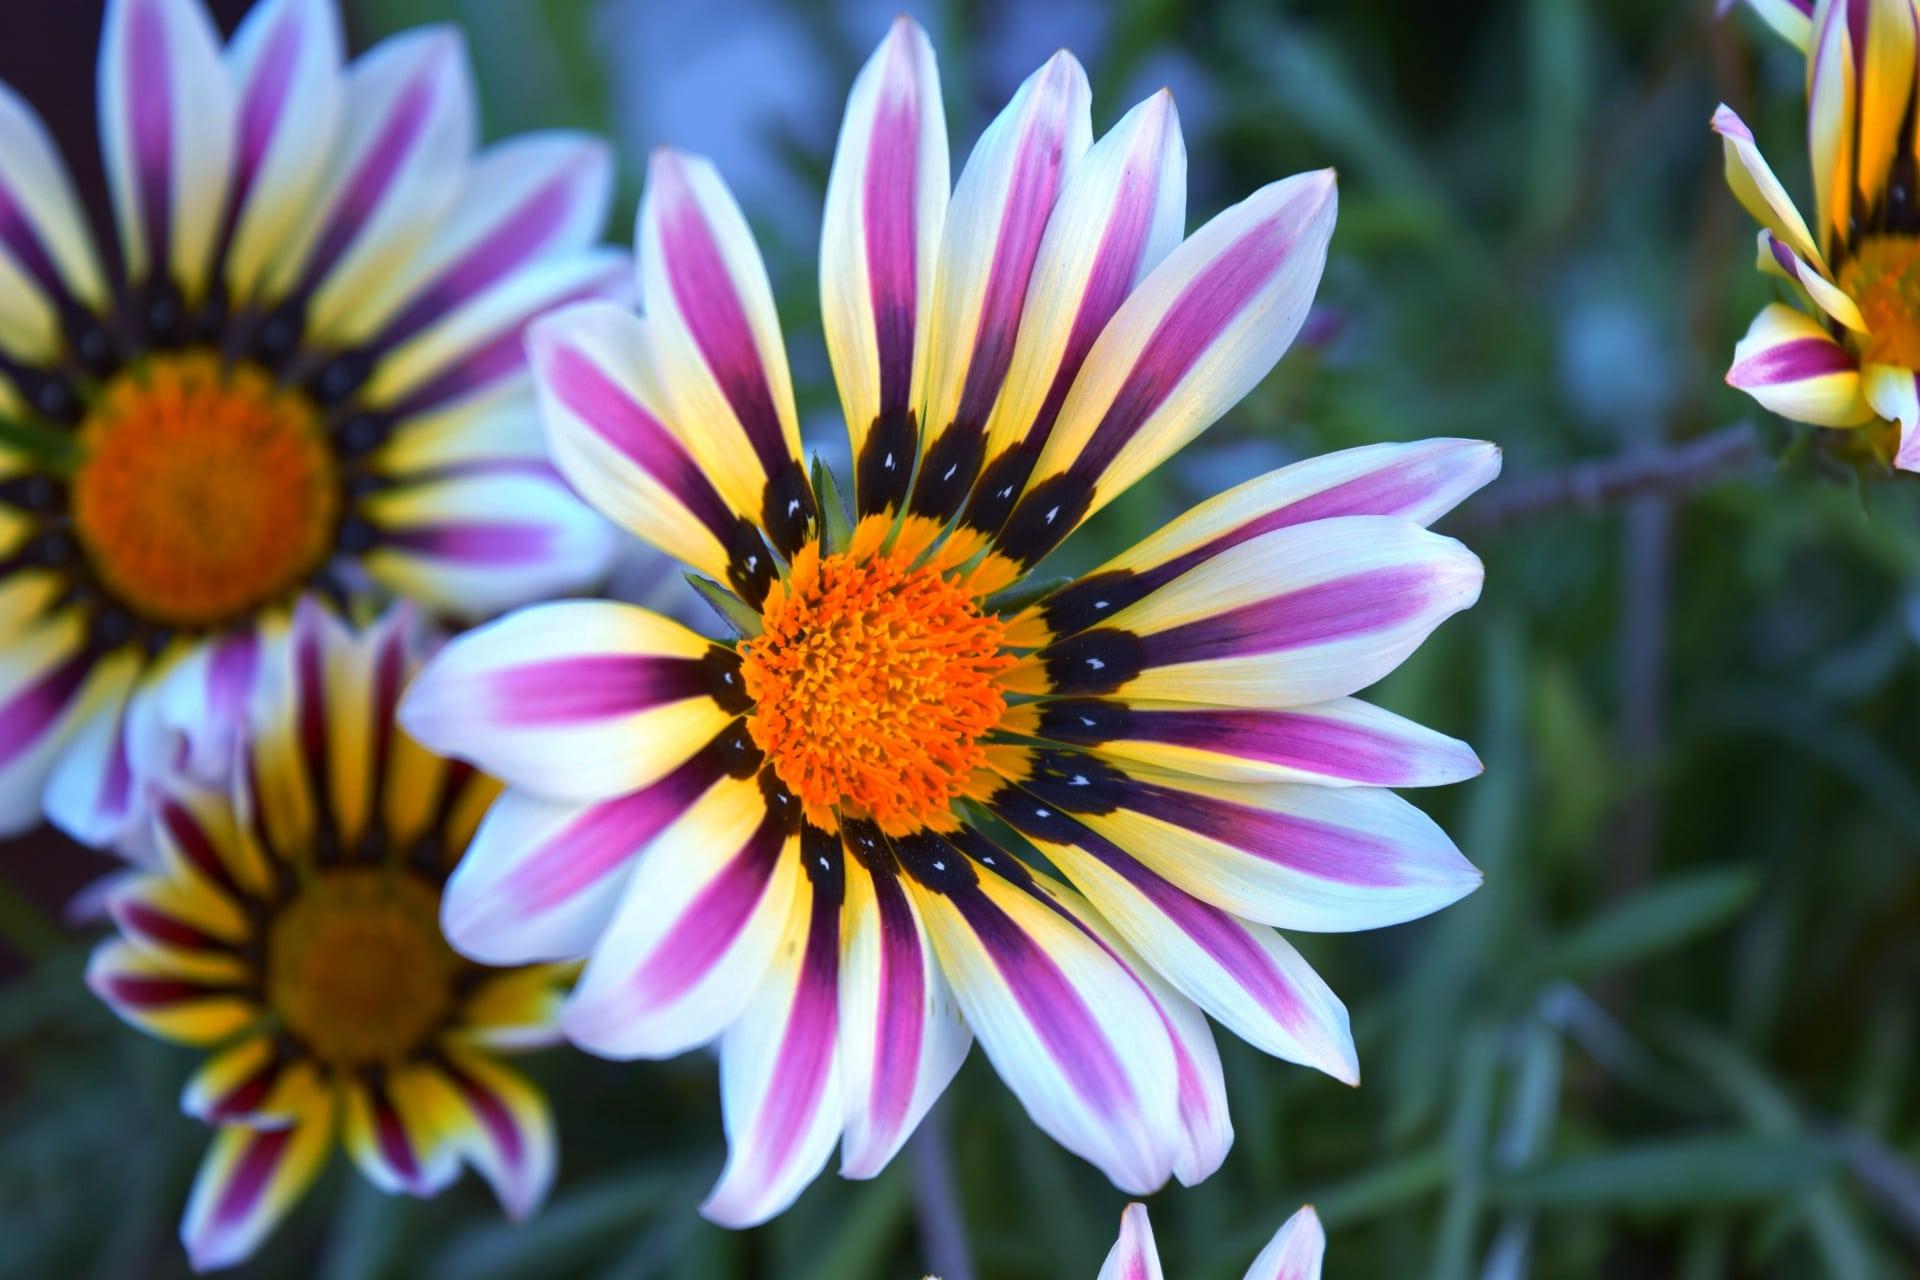 La gazania es una flor que se abre con el sol, y que crece bien en jardineras